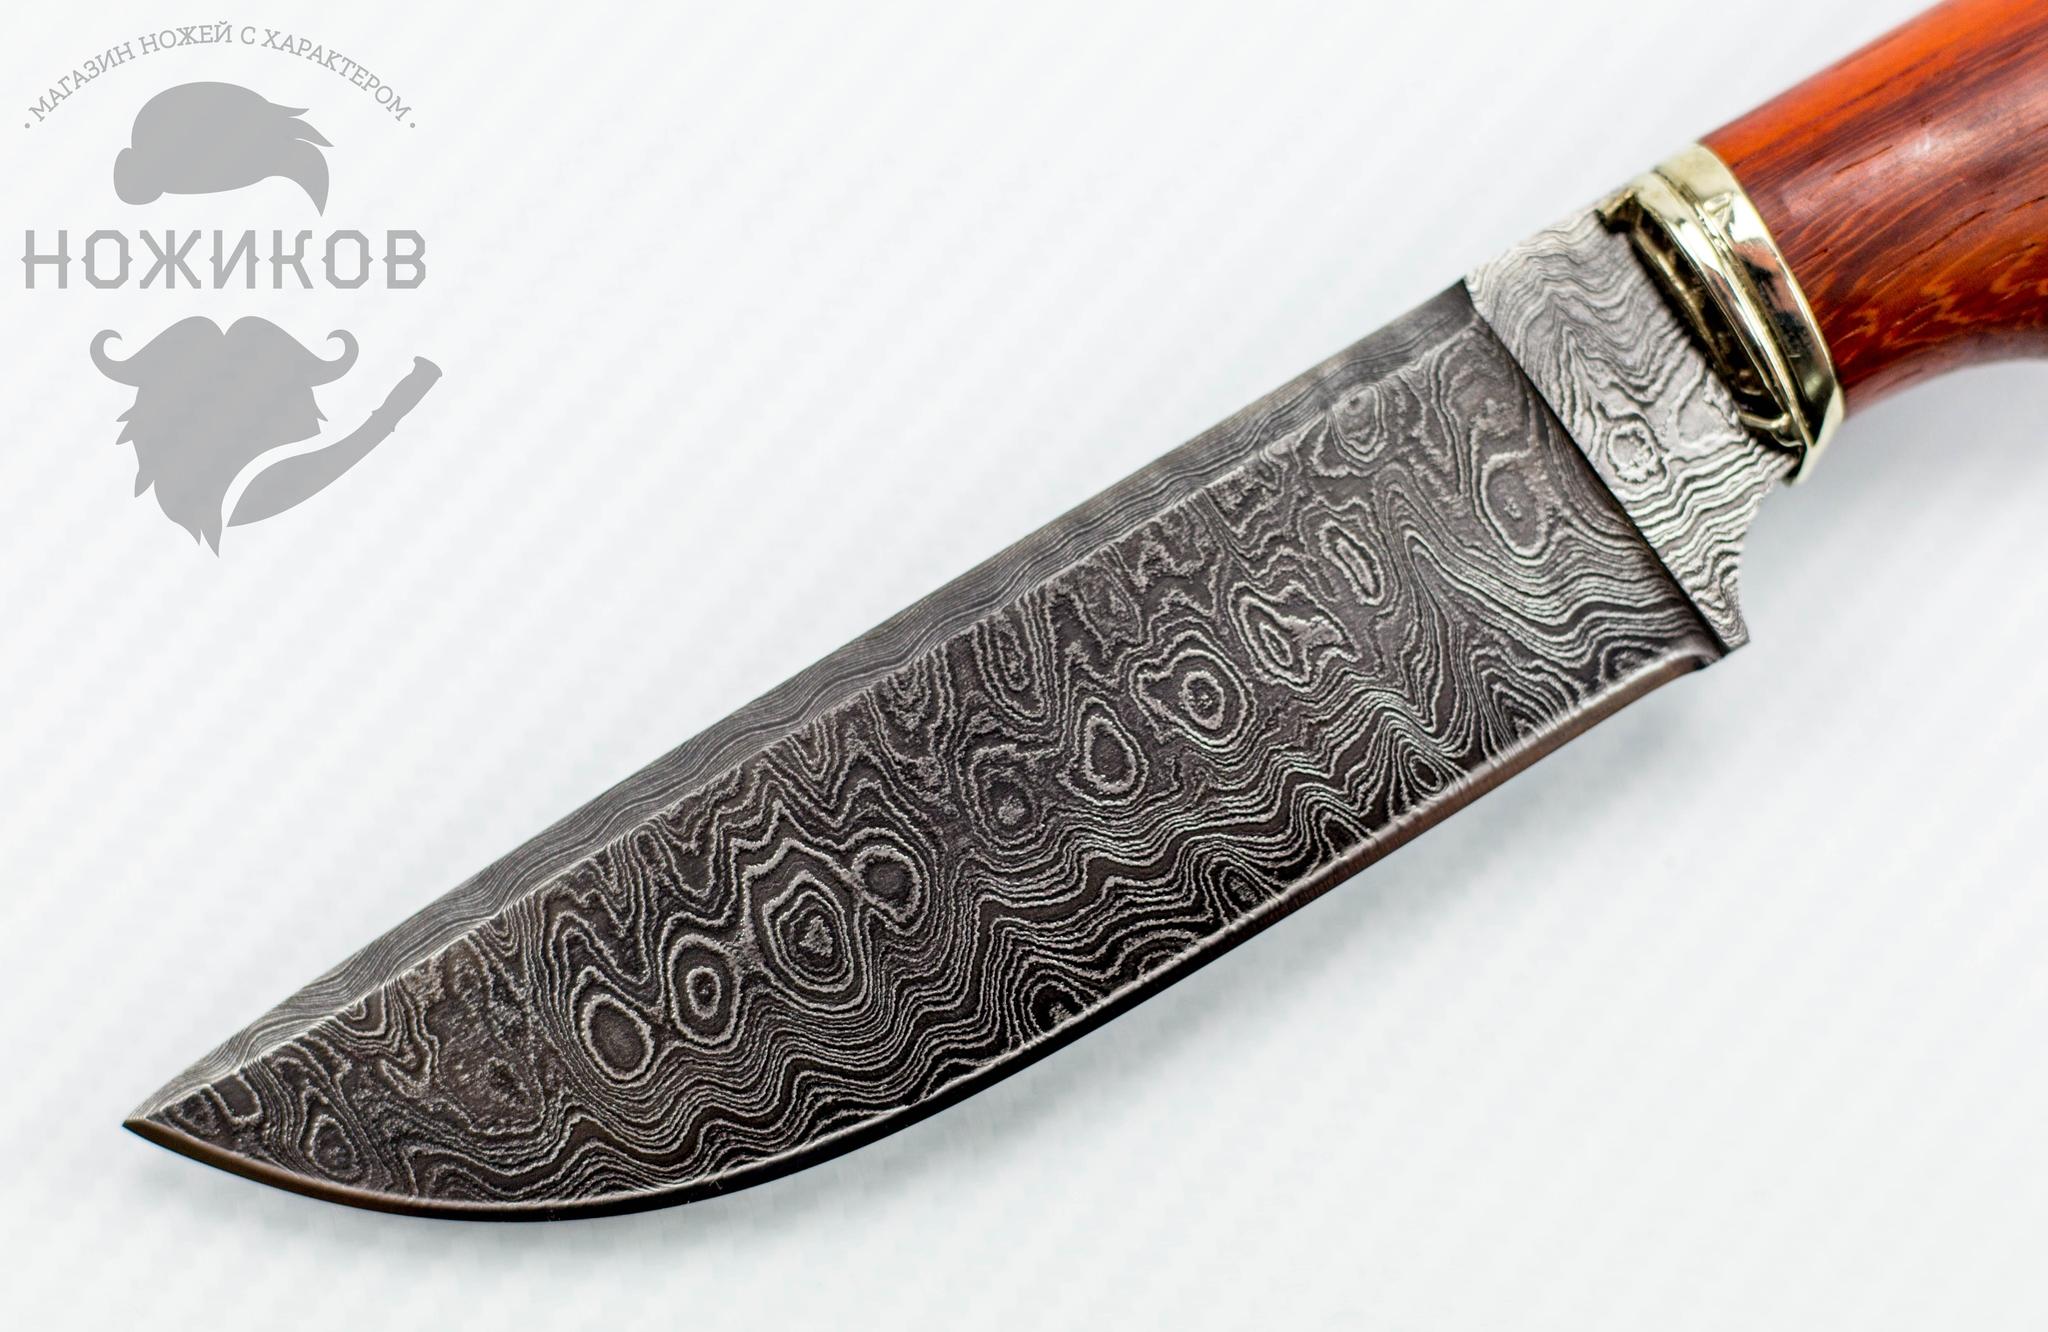 Фото 8 - Авторский Нож из Дамаска №73, Кизляр от Noname